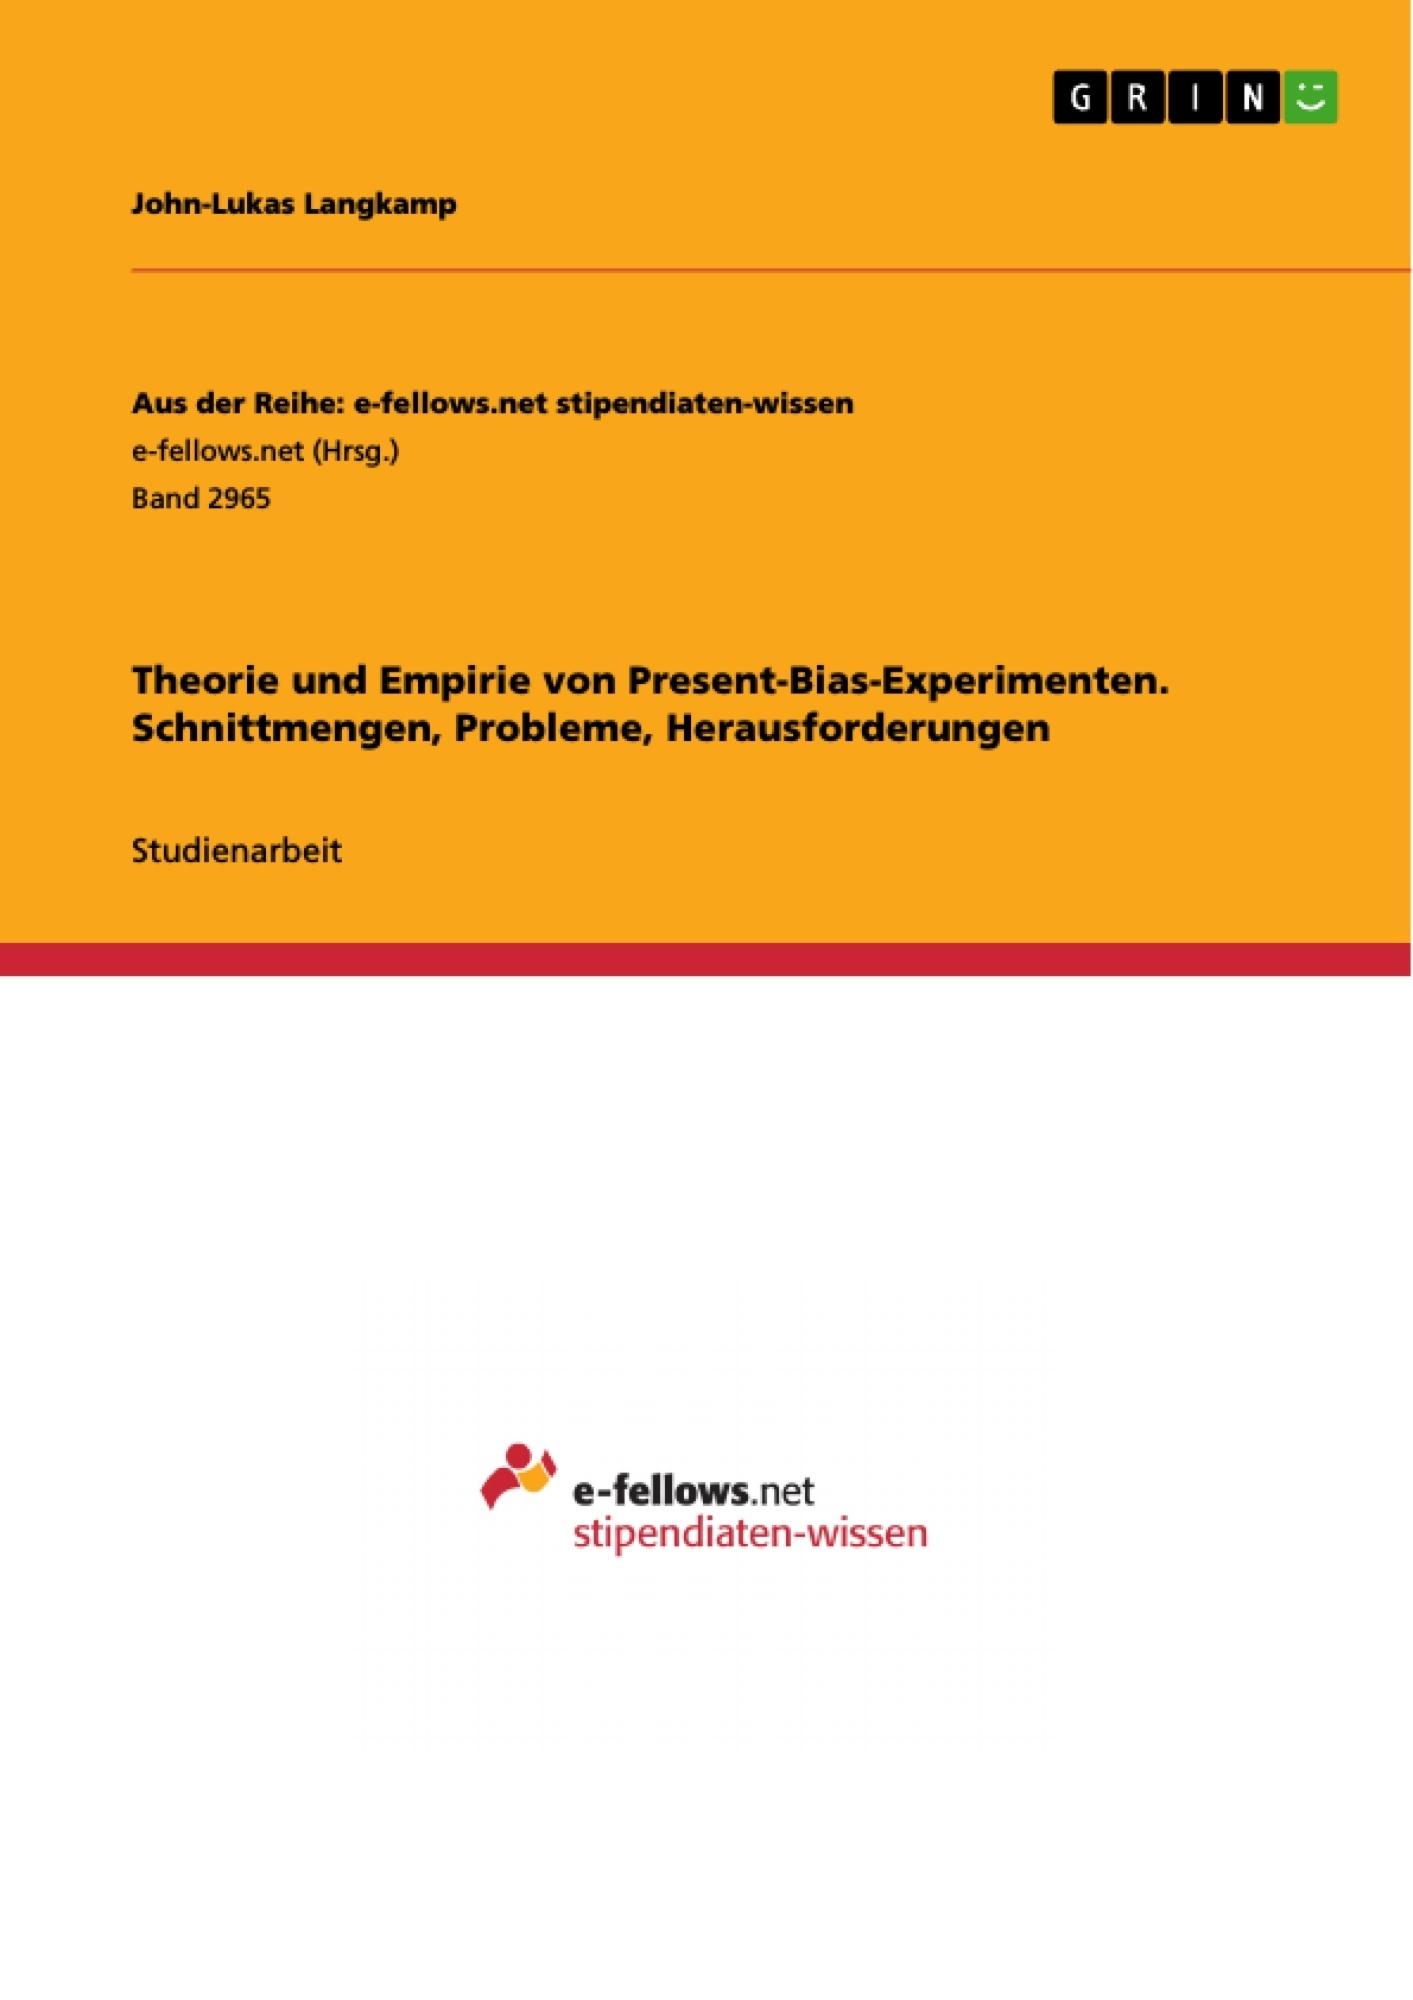 Titel: Theorie und Empirie von Present-Bias-Experimenten. Schnittmengen, Probleme, Herausforderungen